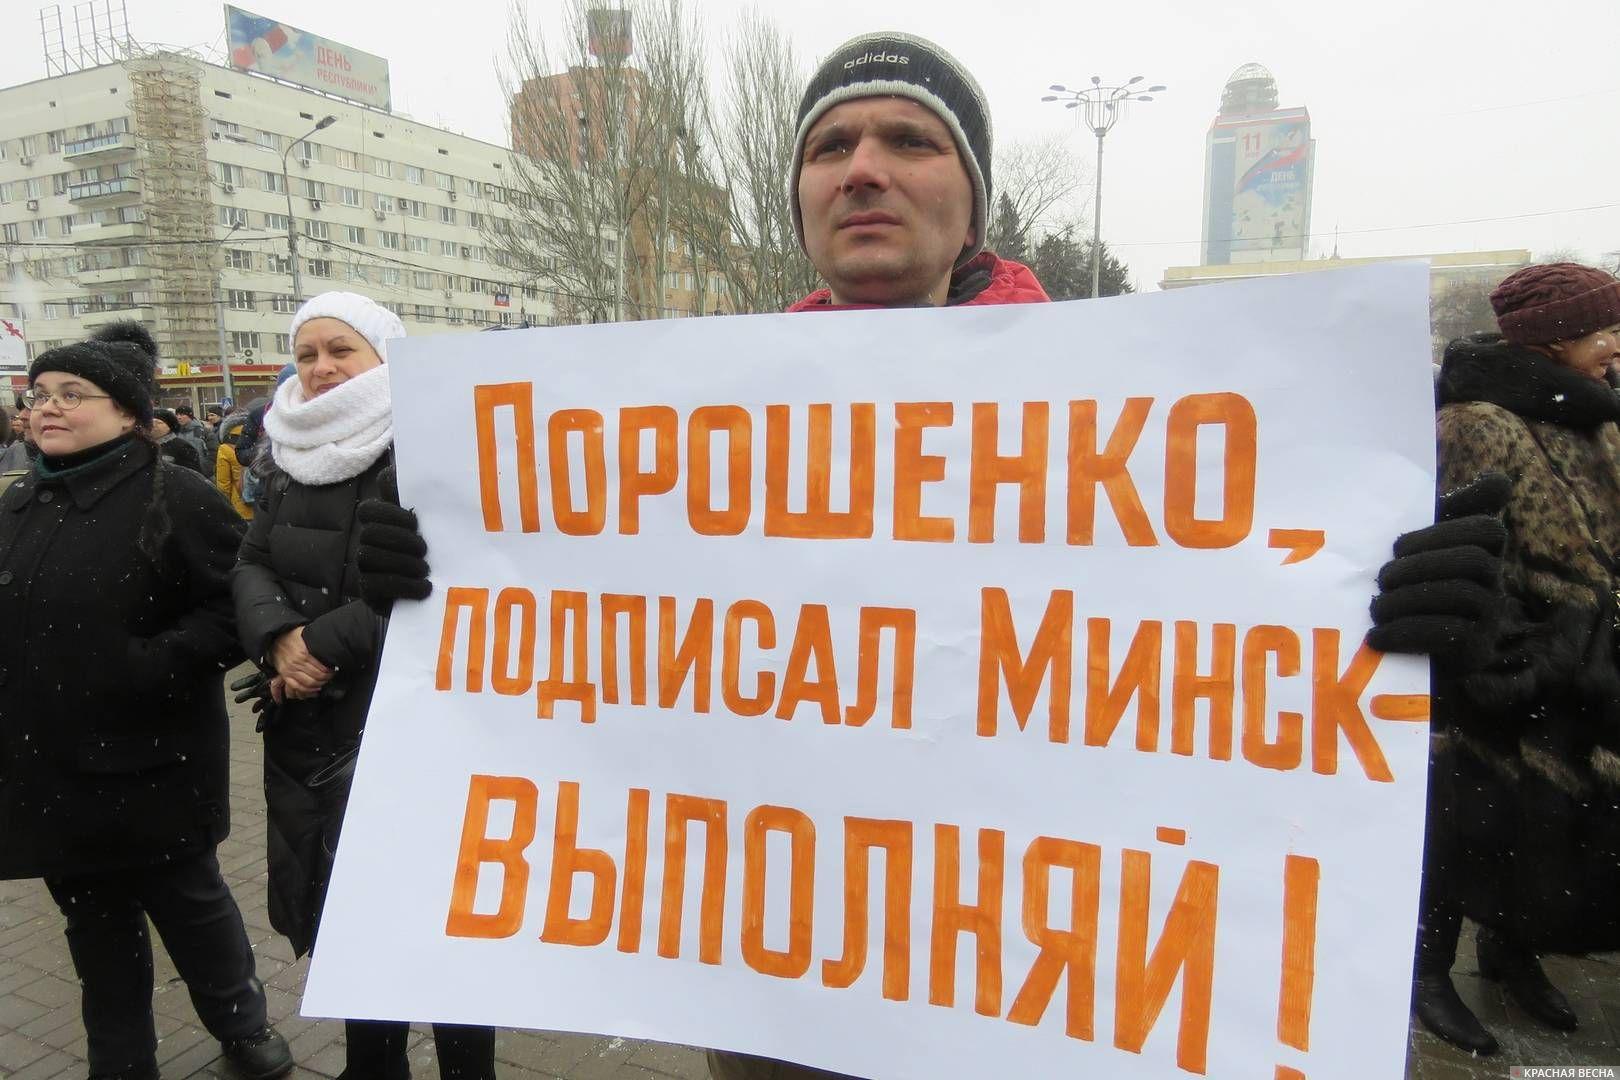 Митинг. Плакат 1. Донецк. ДНР. 2017.